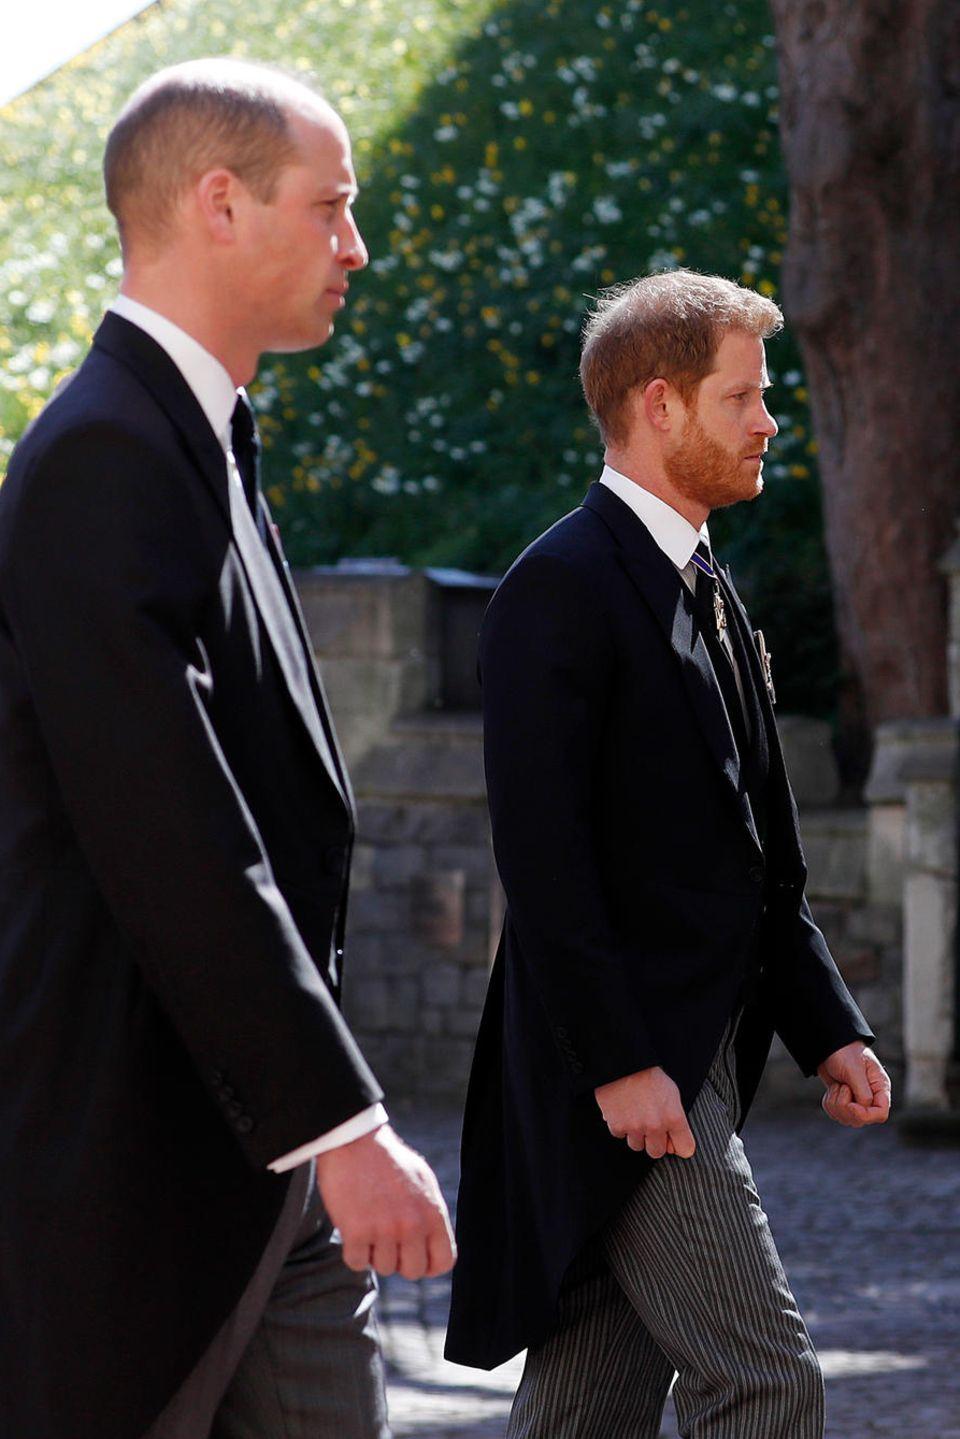 Prinz William und Prinz Harry bei der Trauerfeier am 17. April 2021.